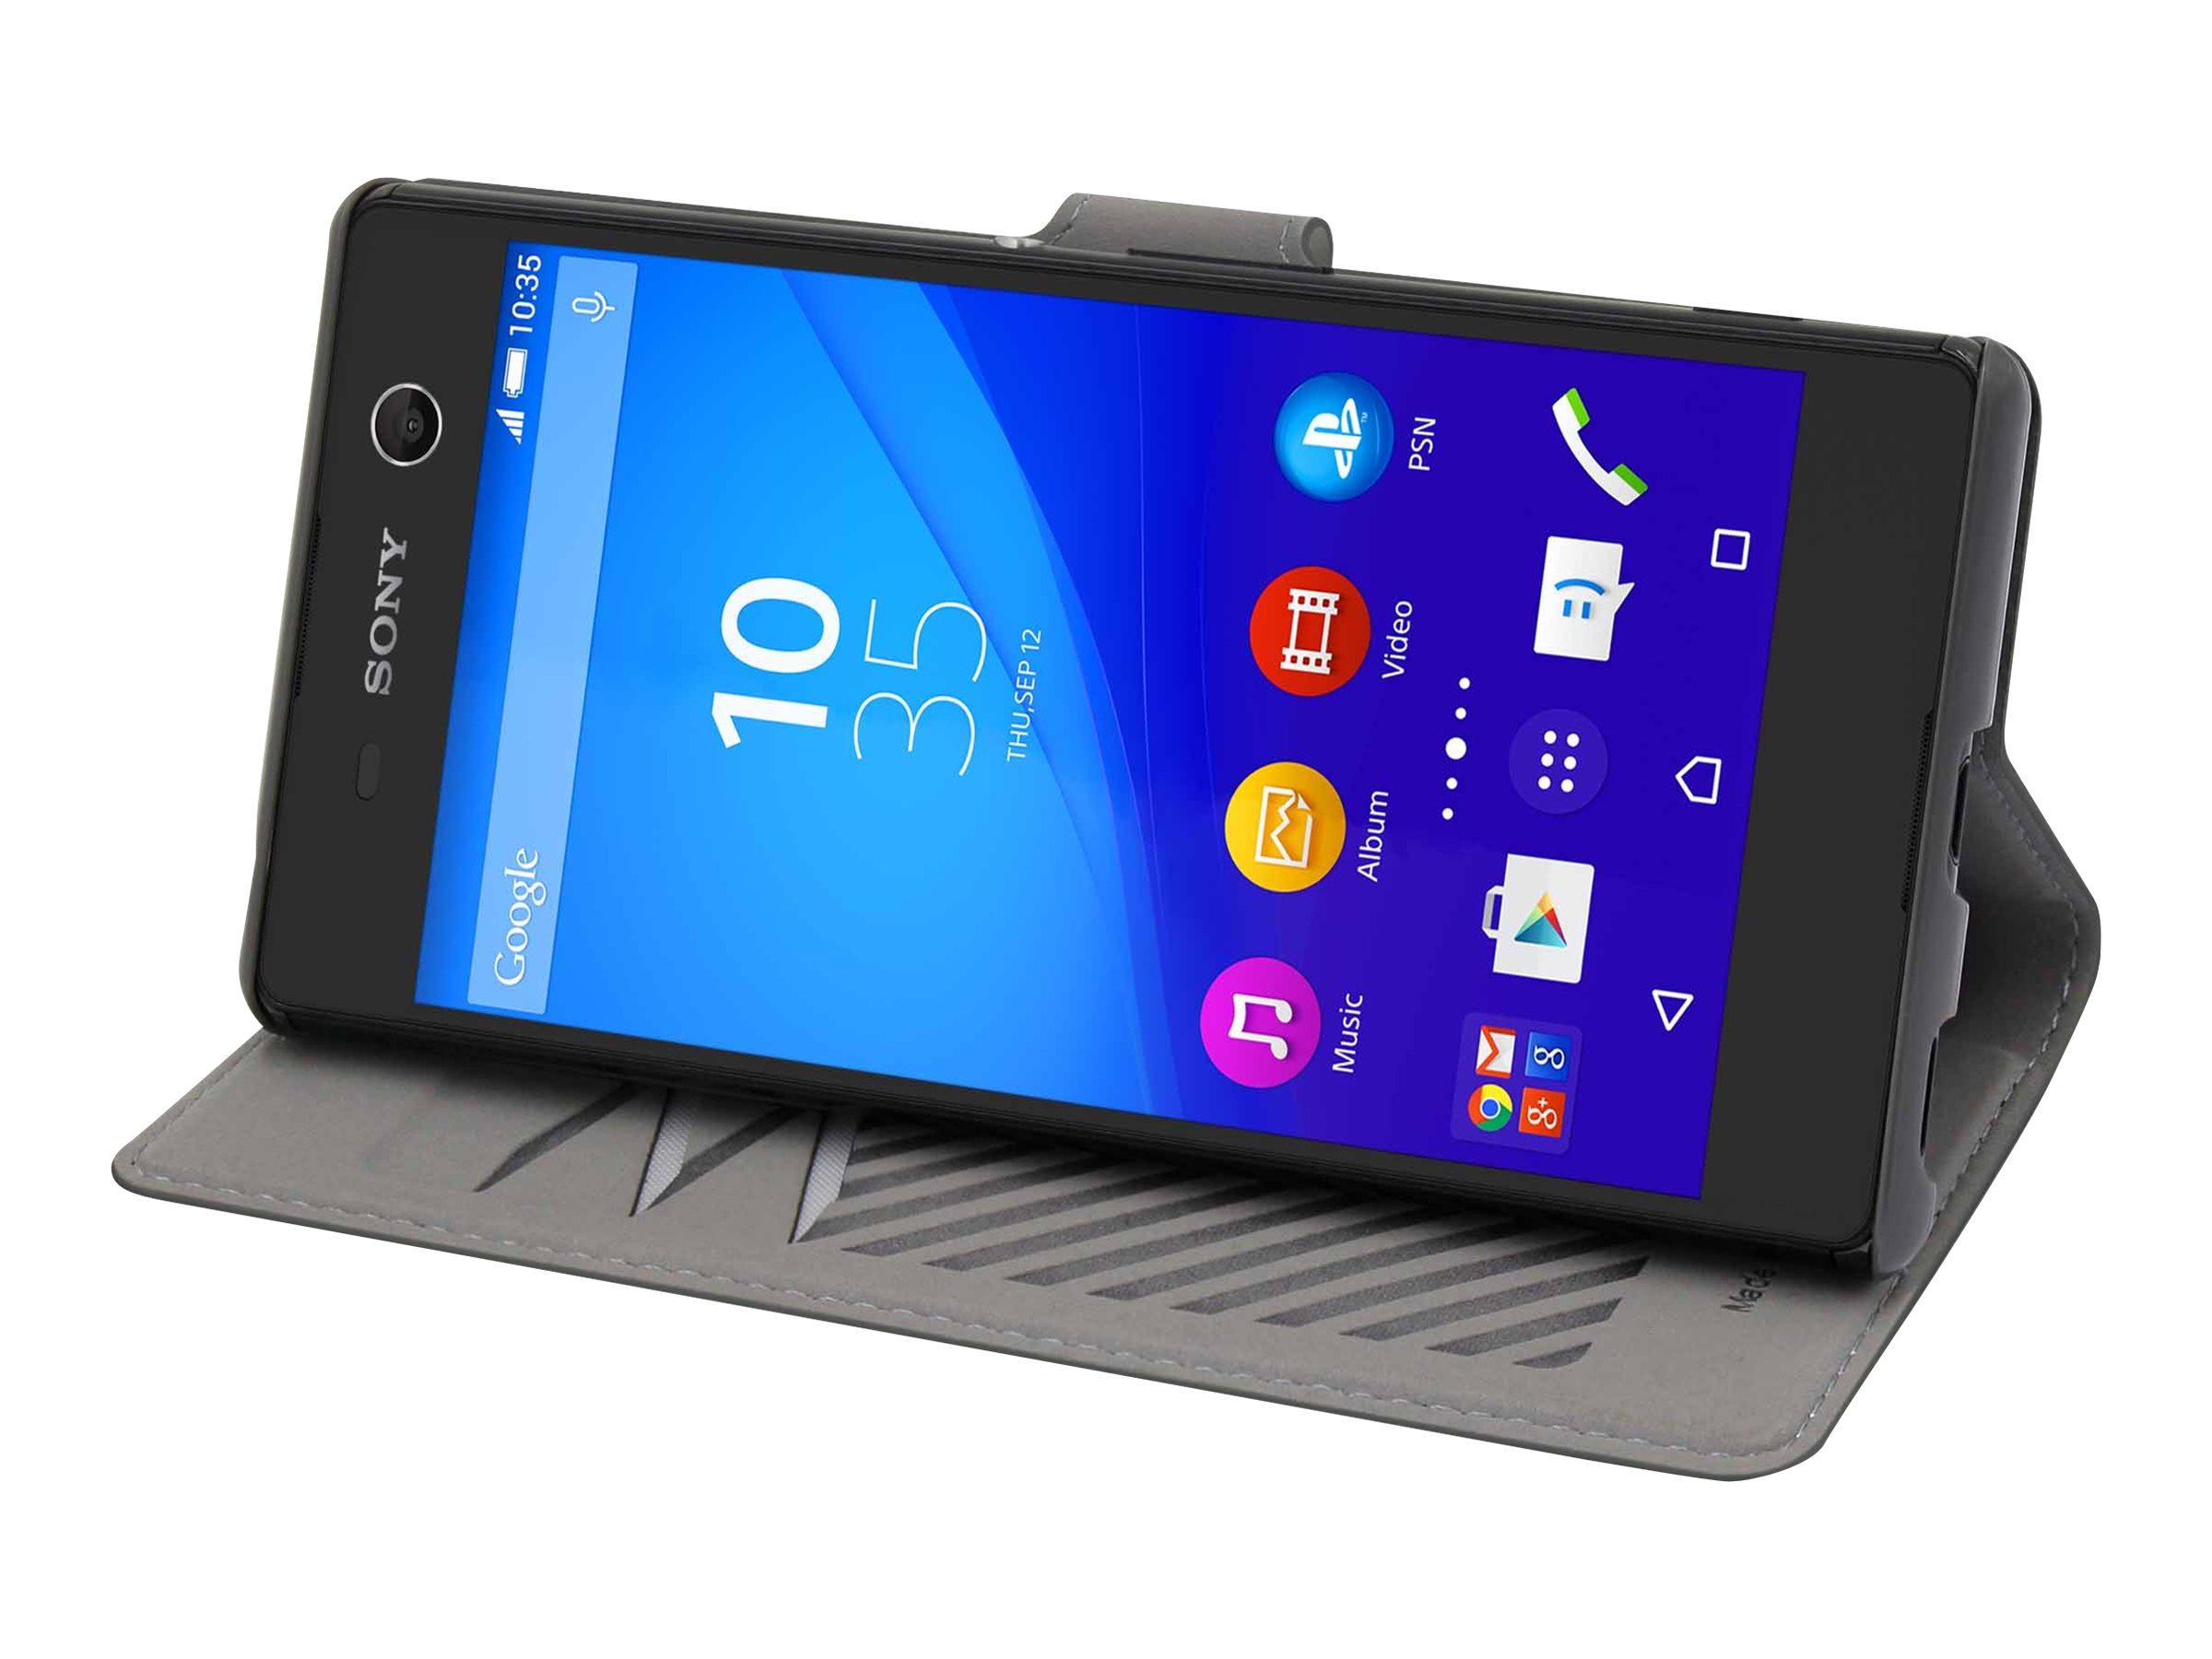 Muvit MFX slim s folio - Protection à rabat pour Sony XPERIA M5 - gris